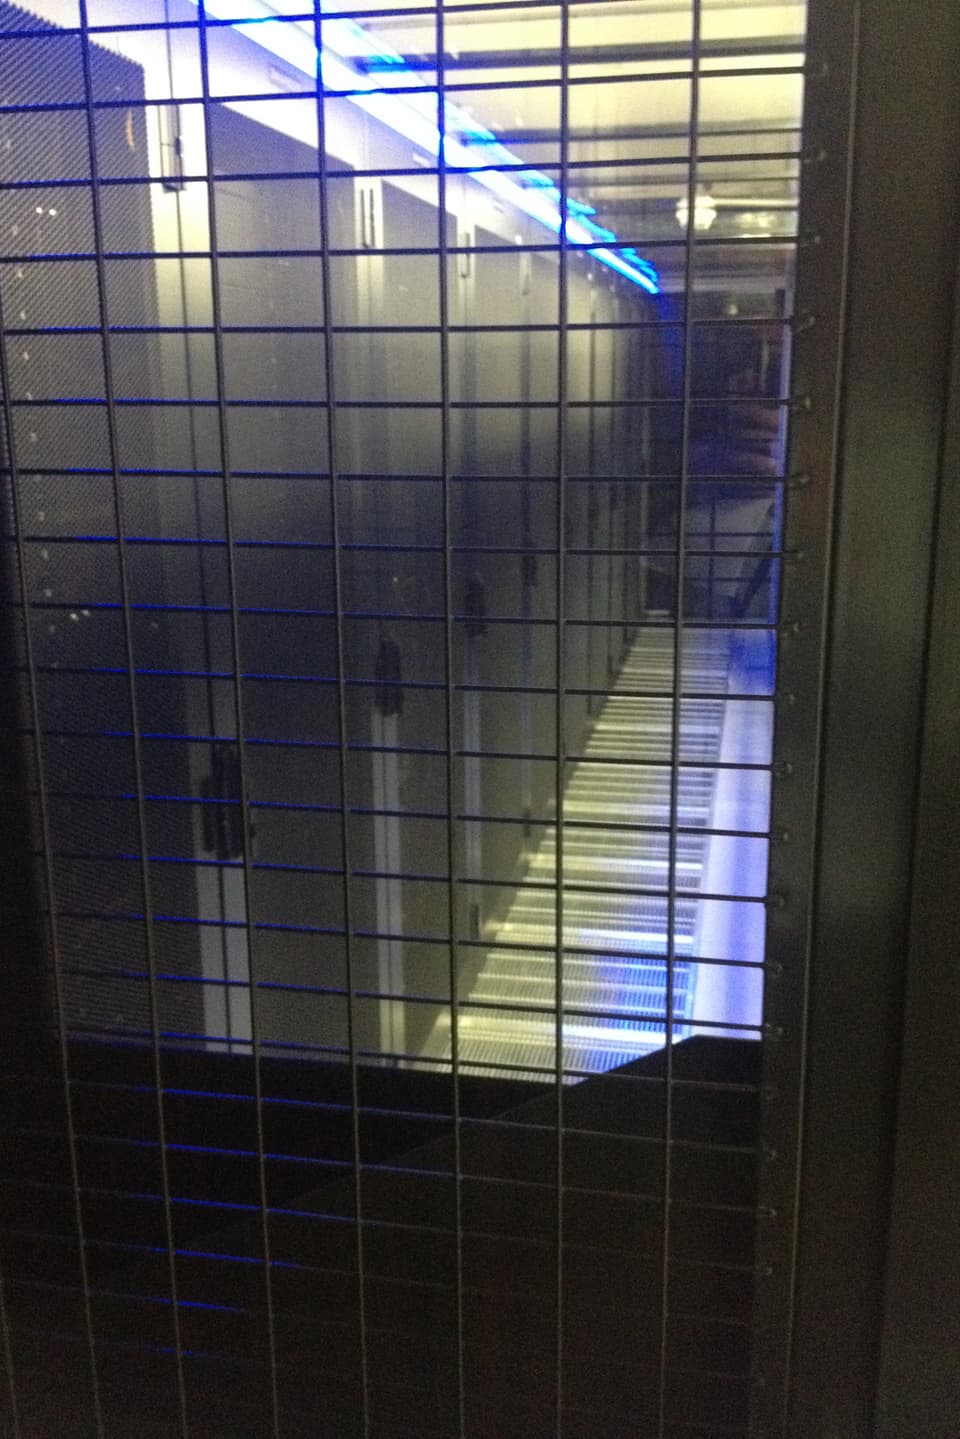 Zeit ist Geld. Im geheimen Datencenter wo die Rechner der Börse stehen, mieten die Hochfrequenzhändler gut bewachte Serverplätze, damit sie möglichst nahe beim Handelscomputer sind.